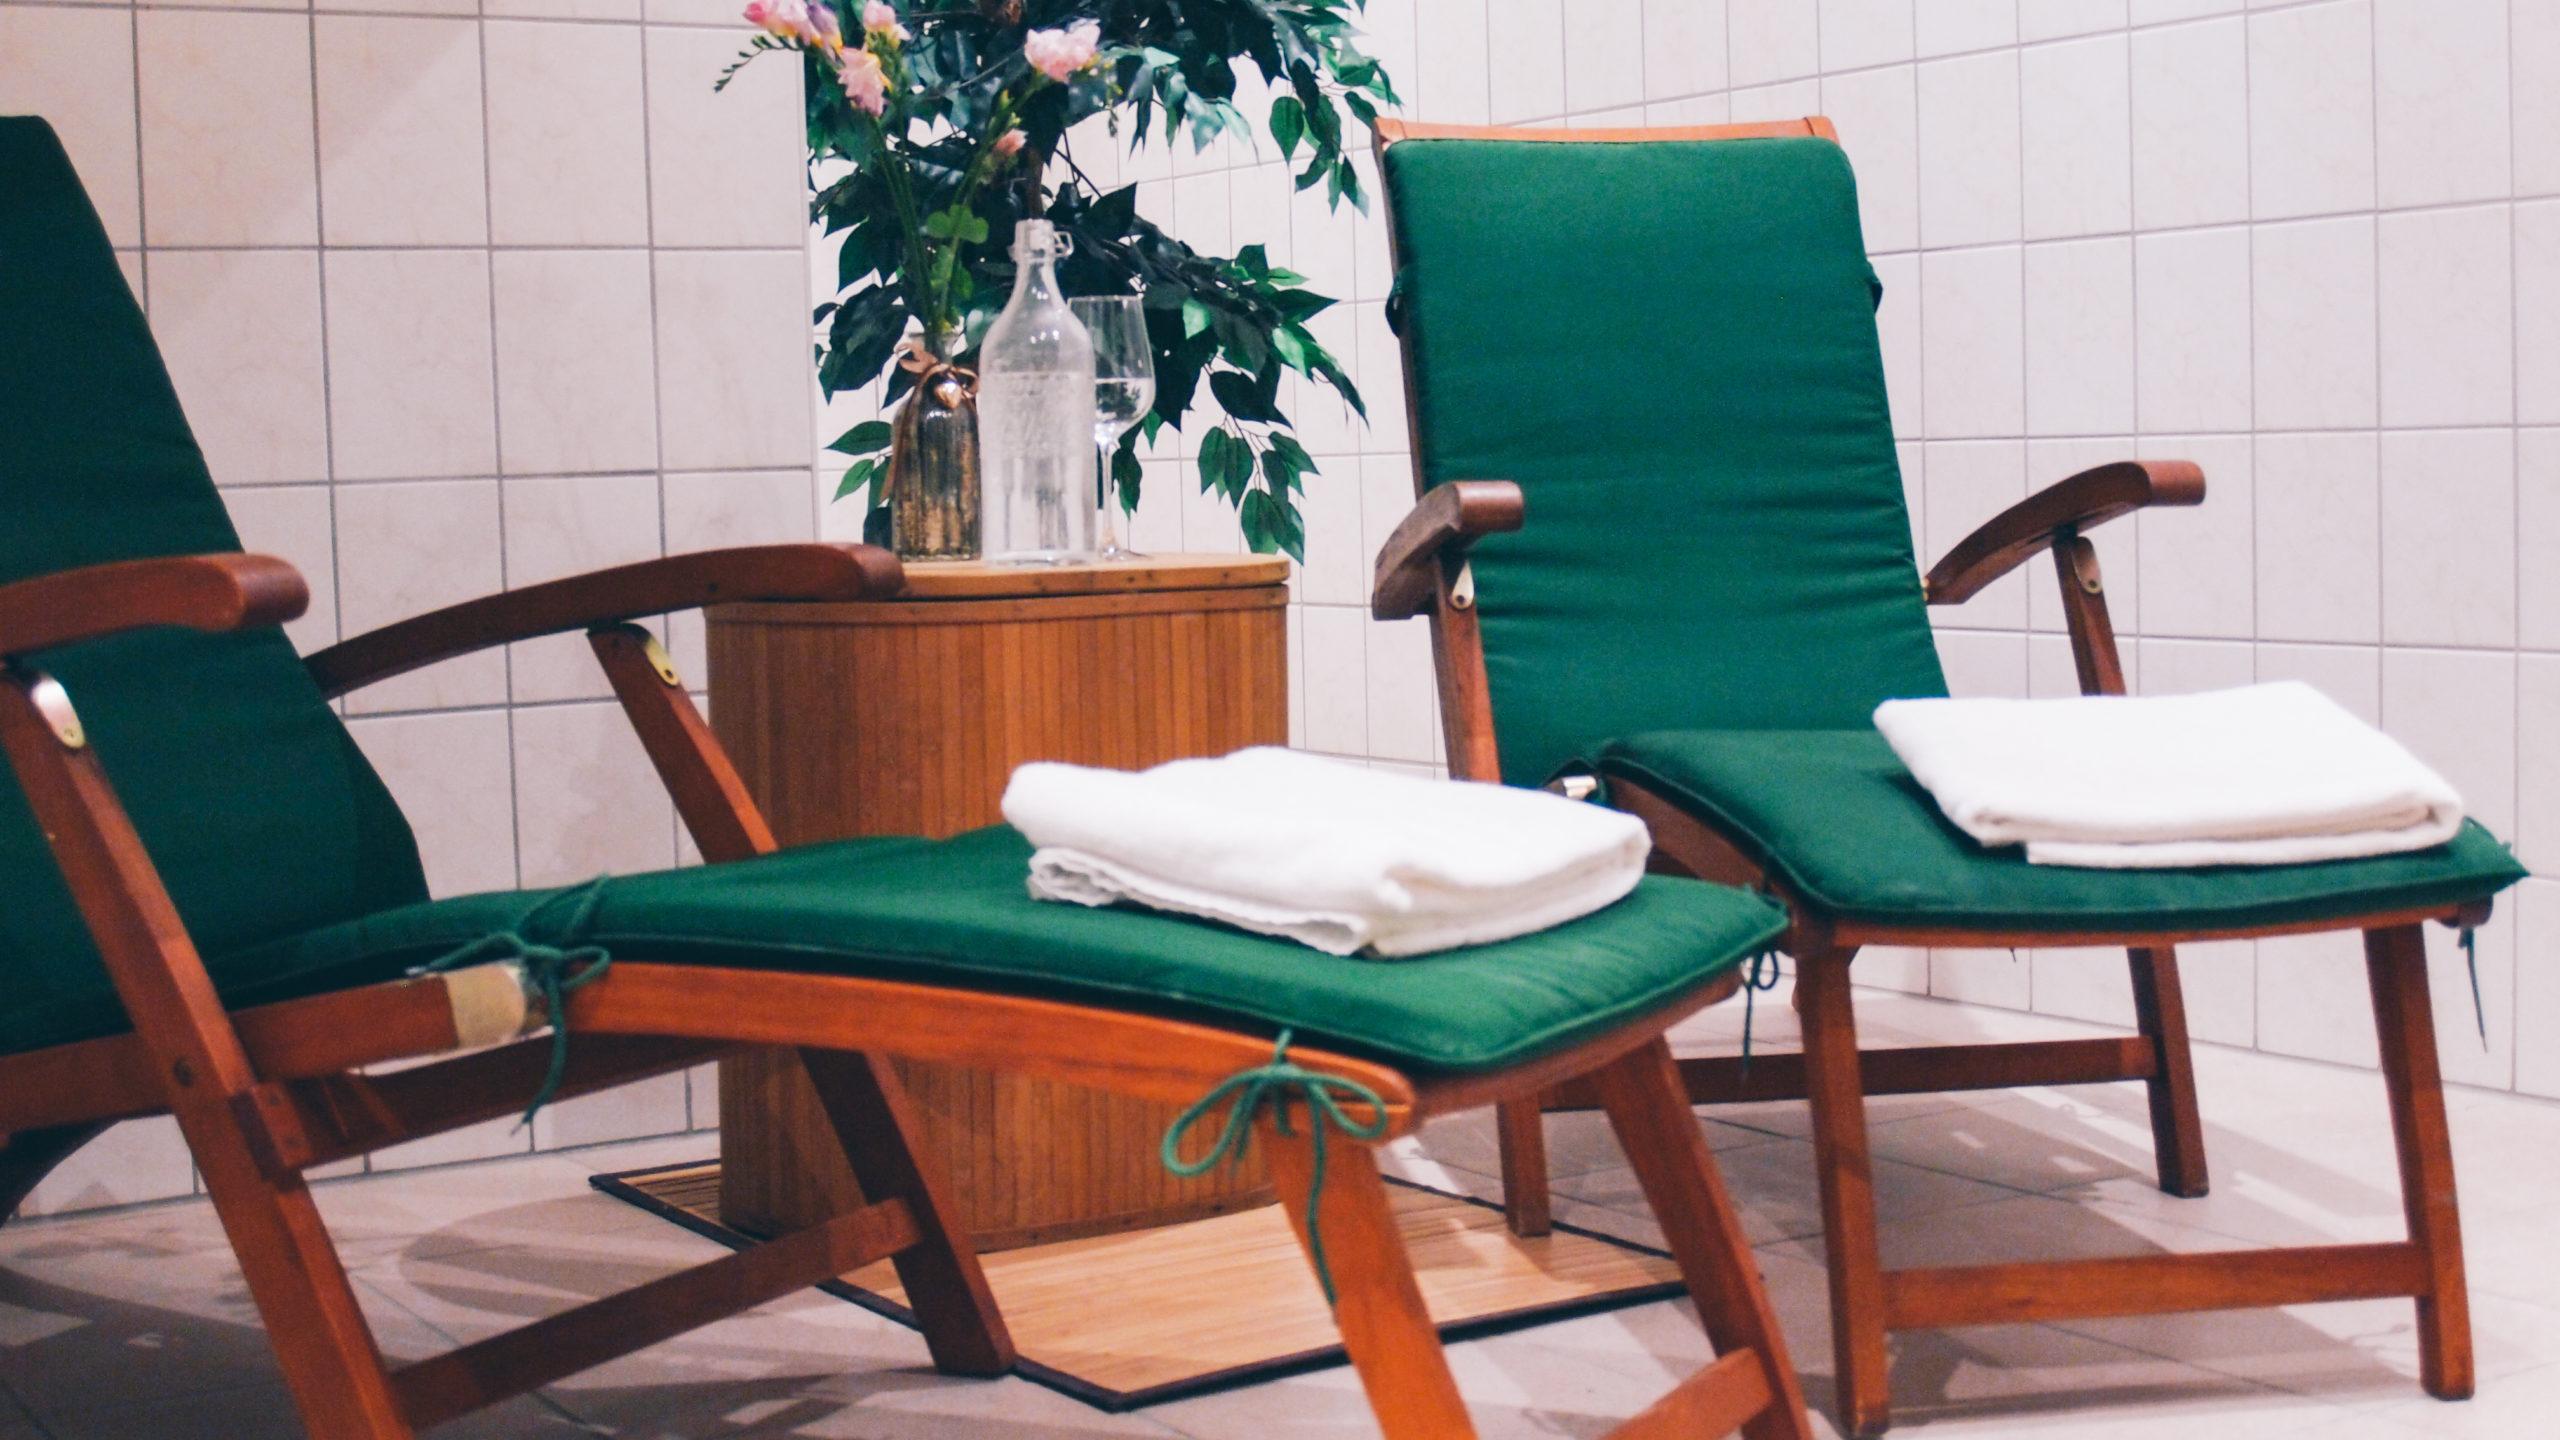 arrangements buckow strandhotel vier jahreszeiten ort buckow restaurant d scaled